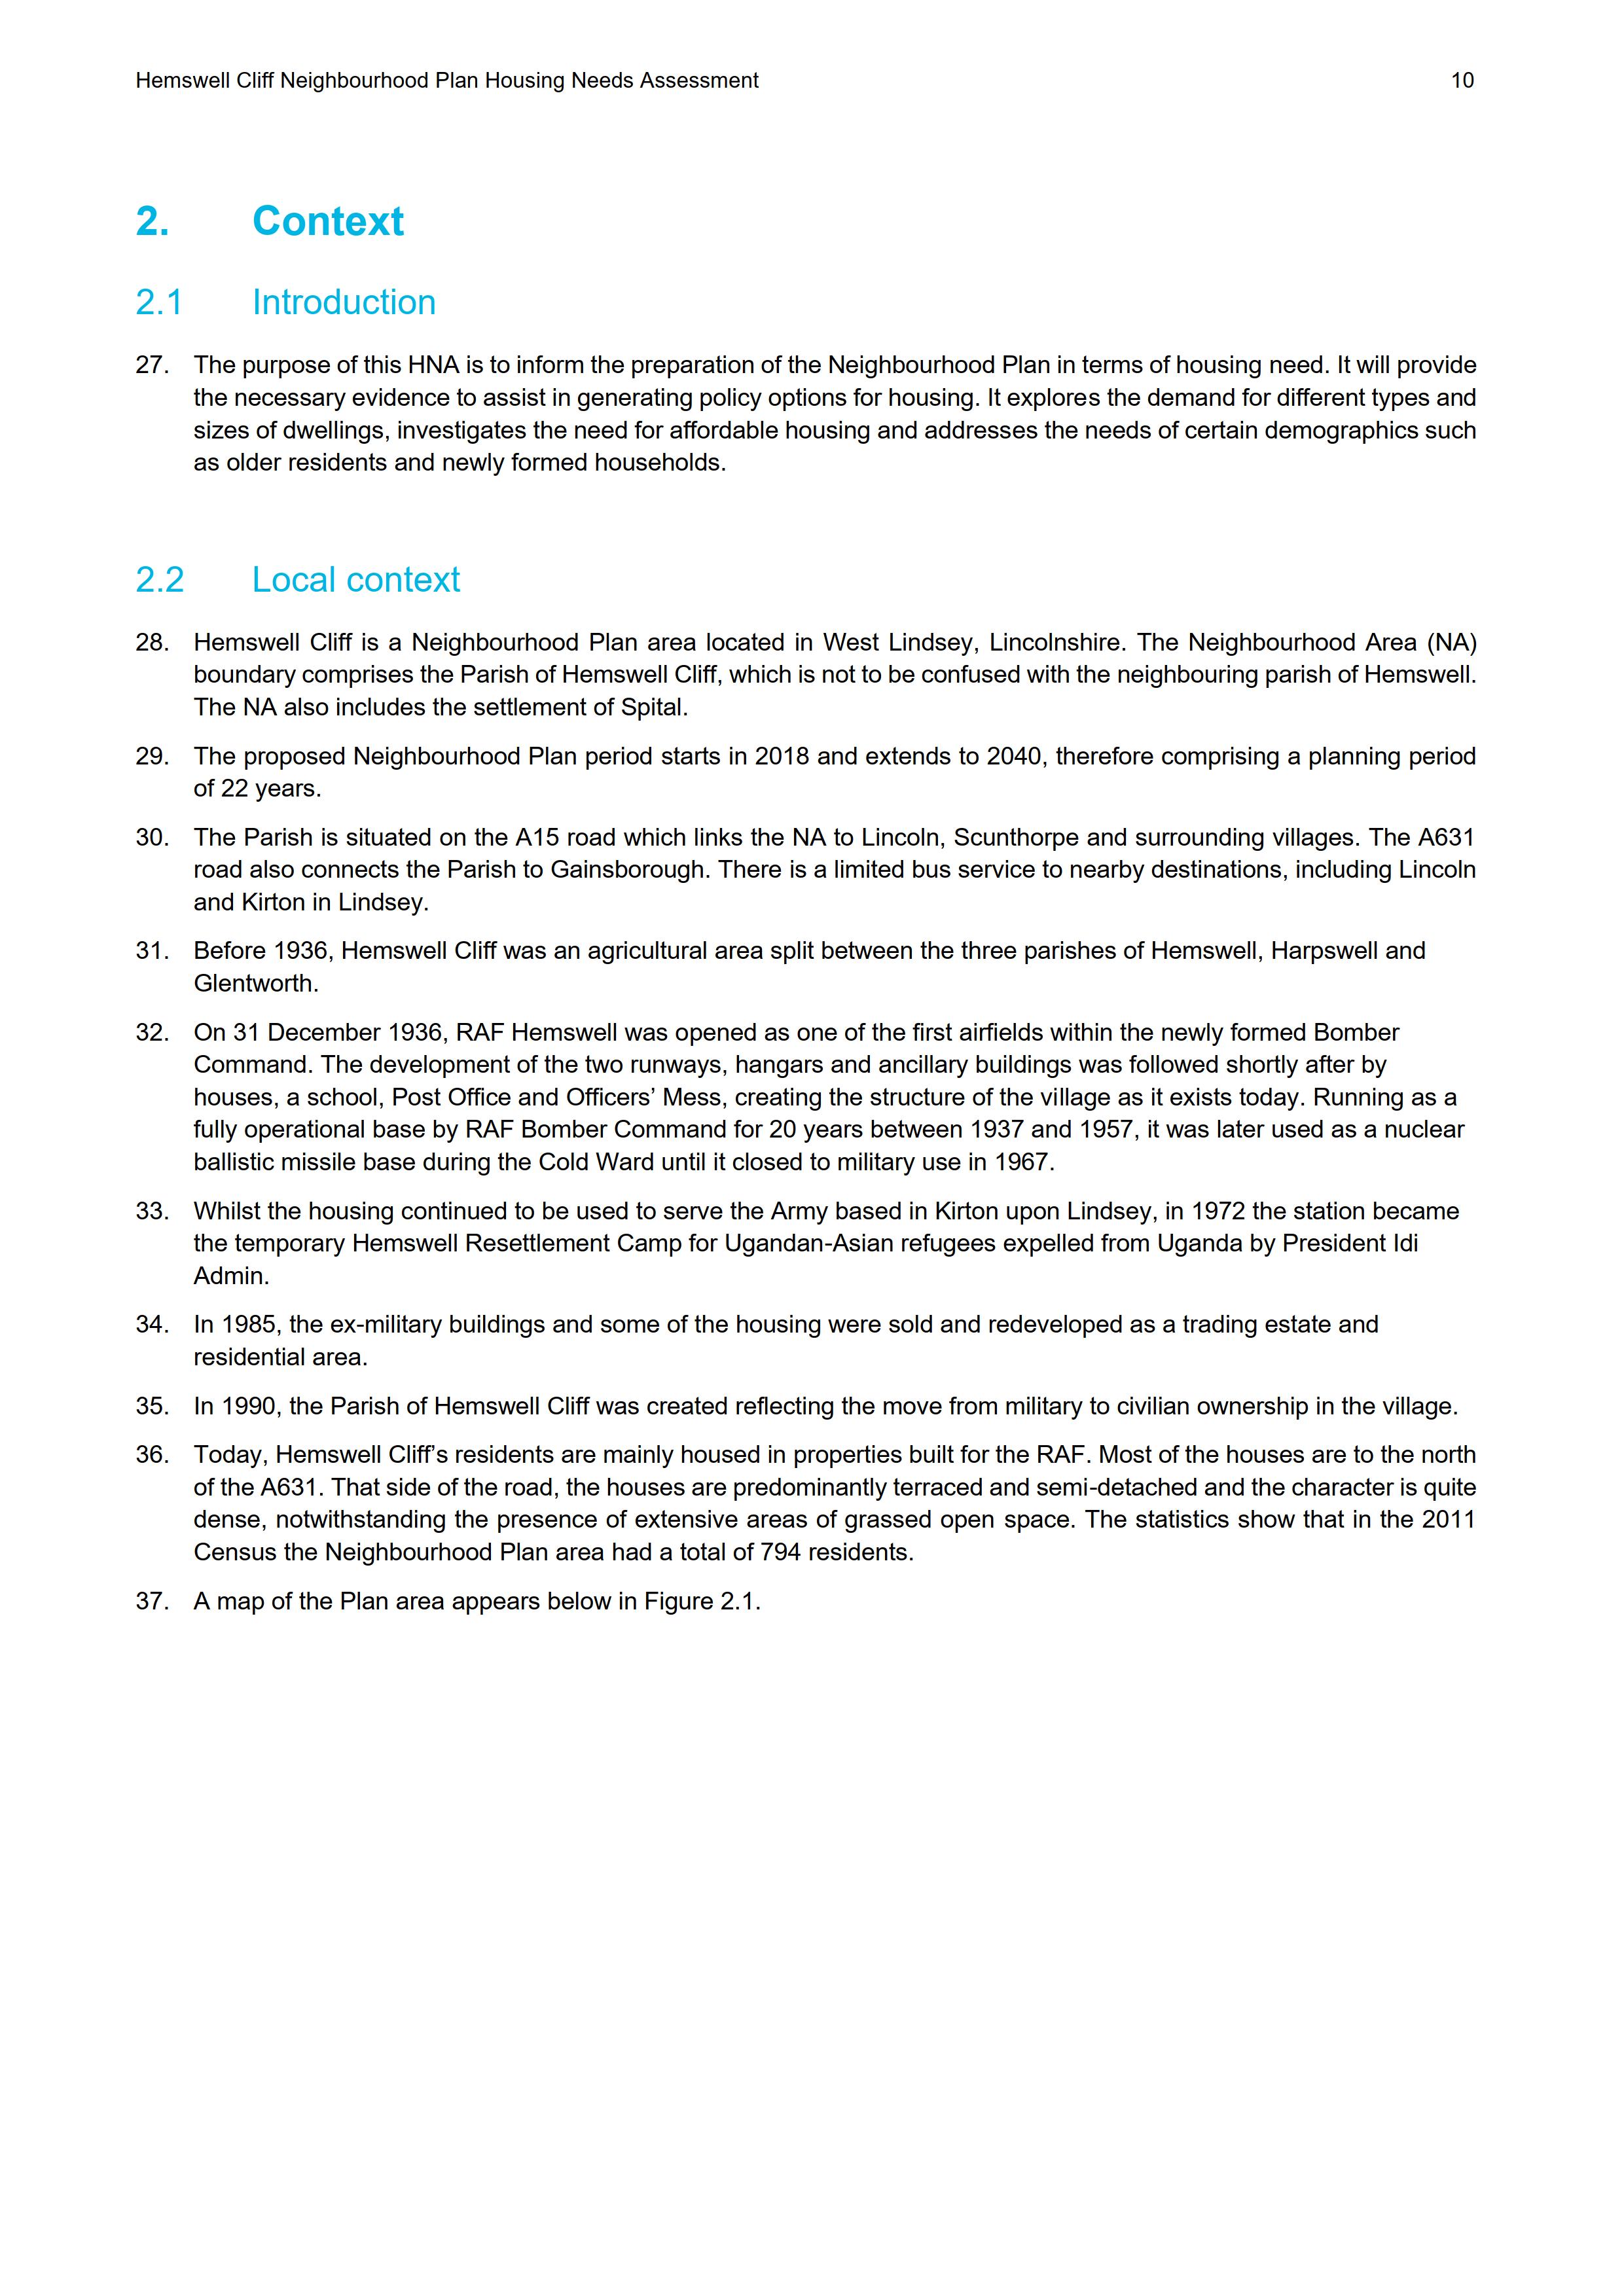 Hemswell_Cliff_Housing_Needs_Assessment_Final_10.png